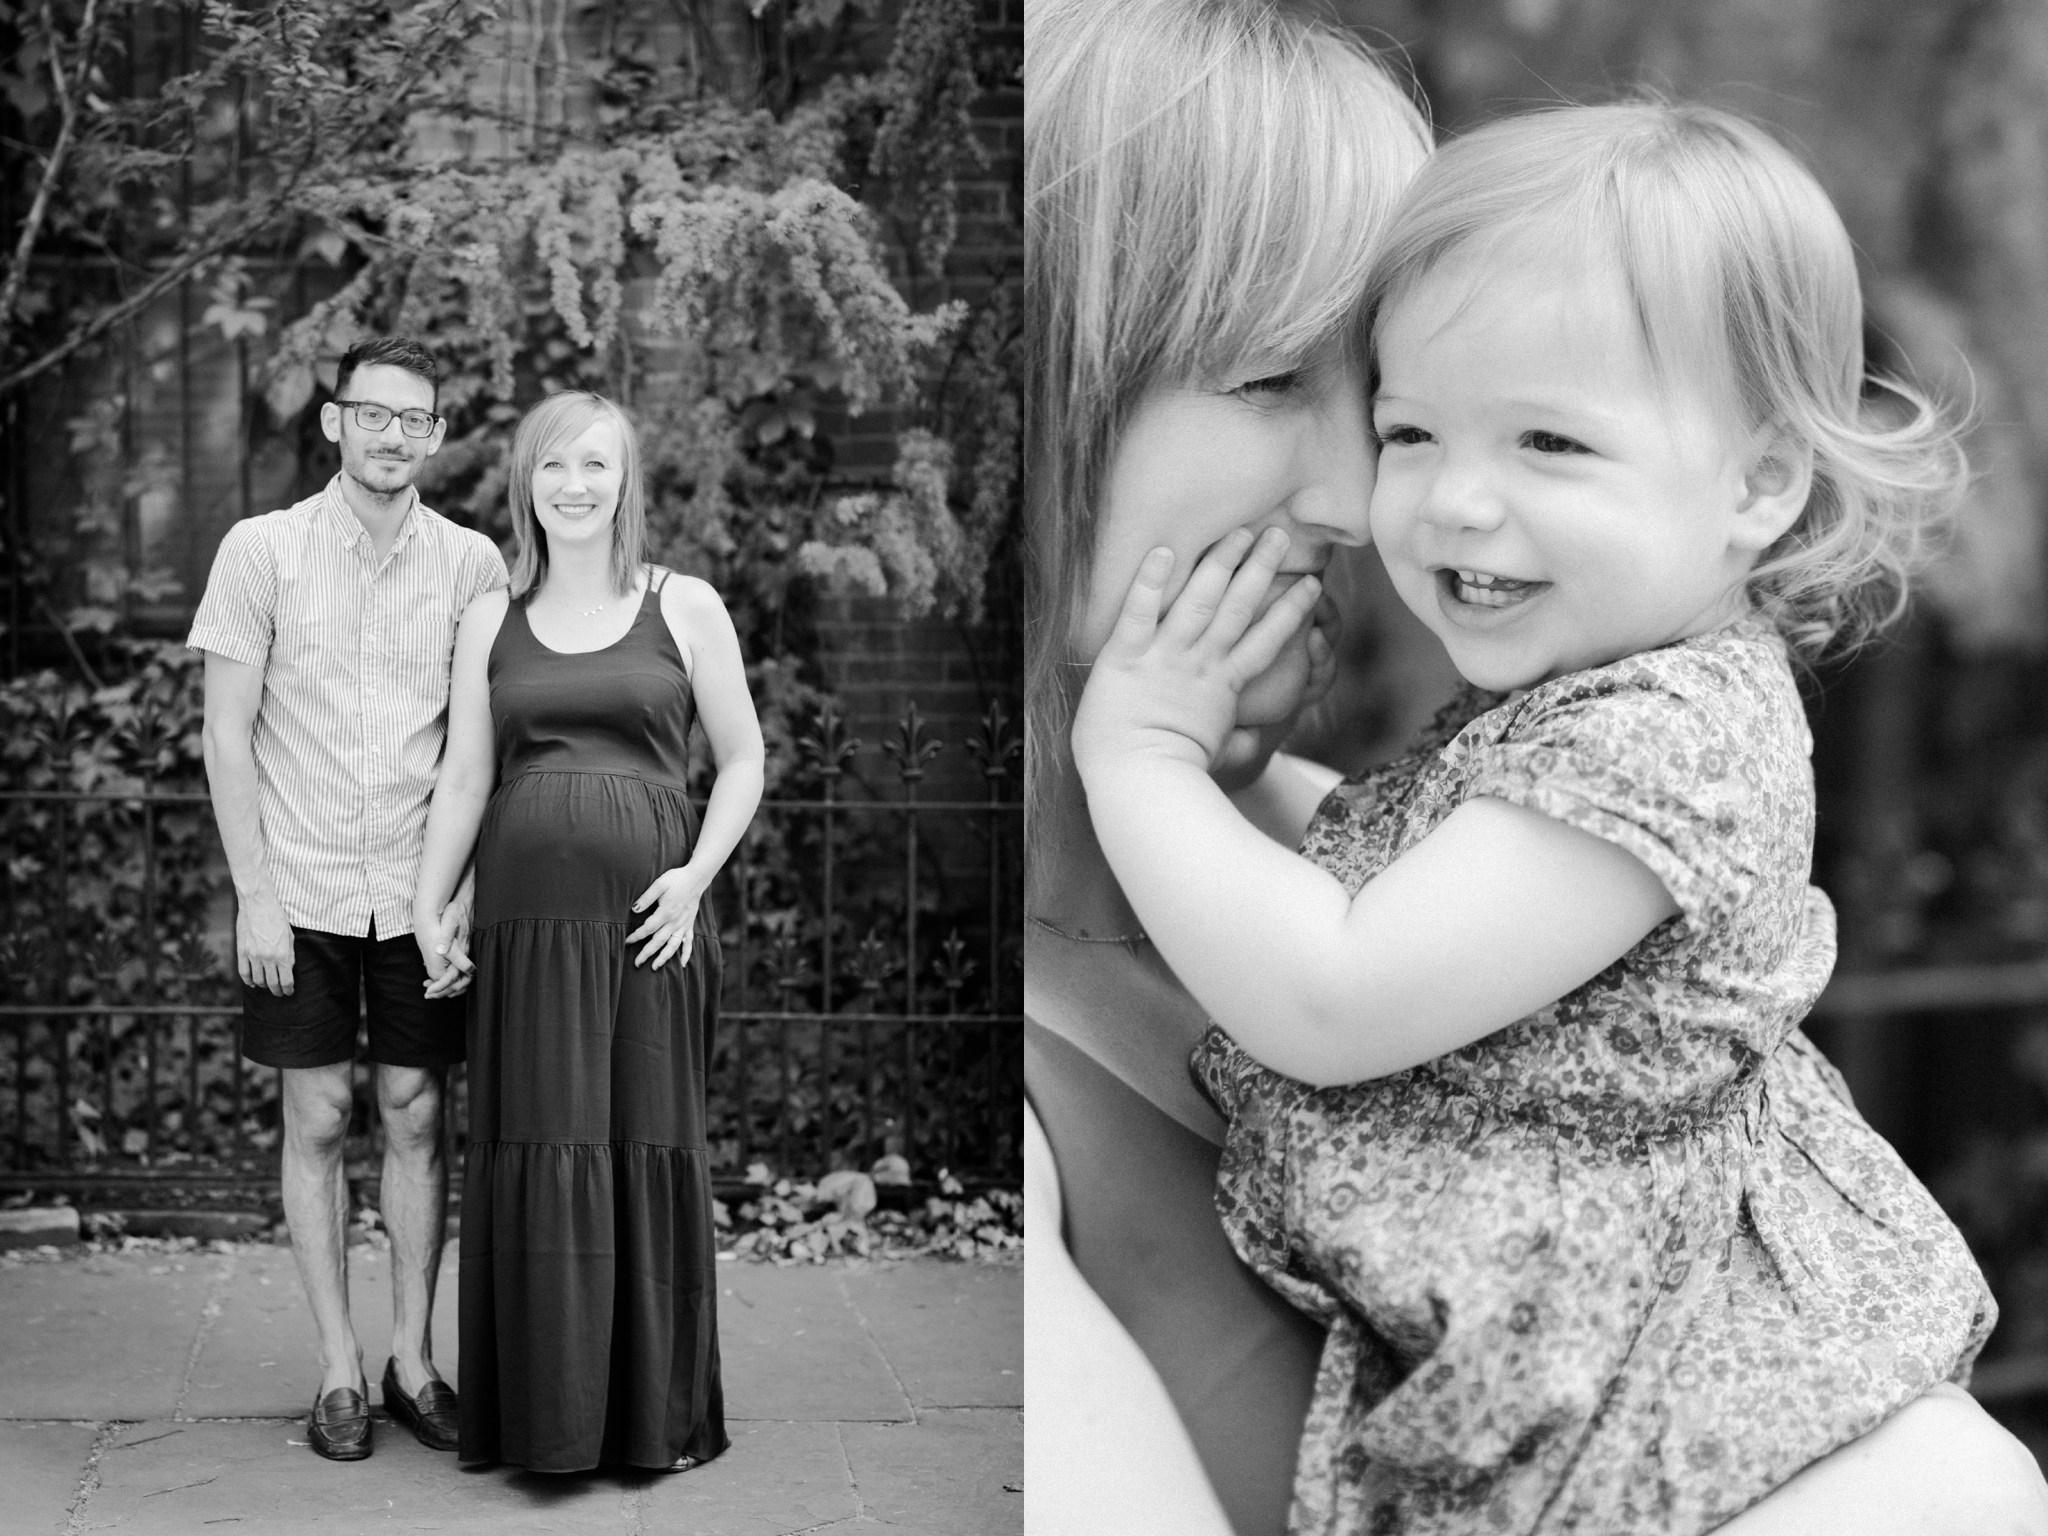 brooklyn_maternity_portraits_deborah_zoe_0006.JPG